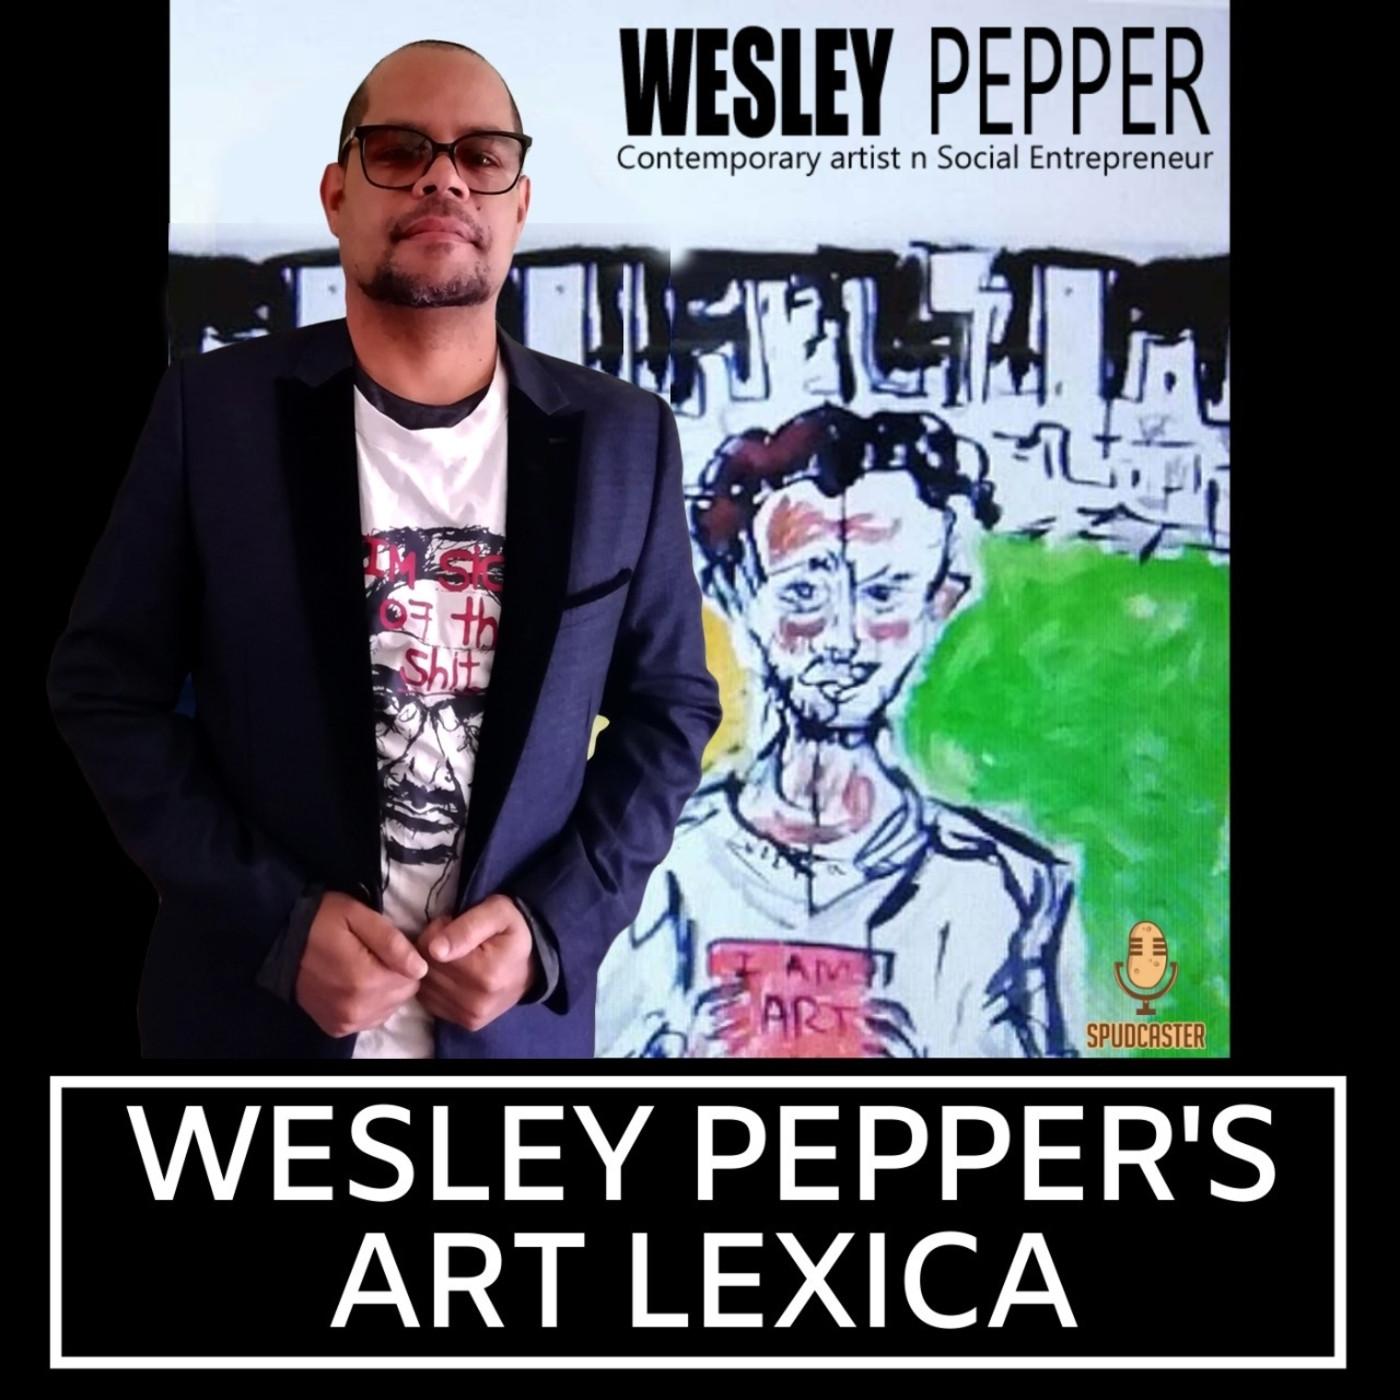 Wesley Pepper's Art Lexica: An Art Teacher Speaks Out